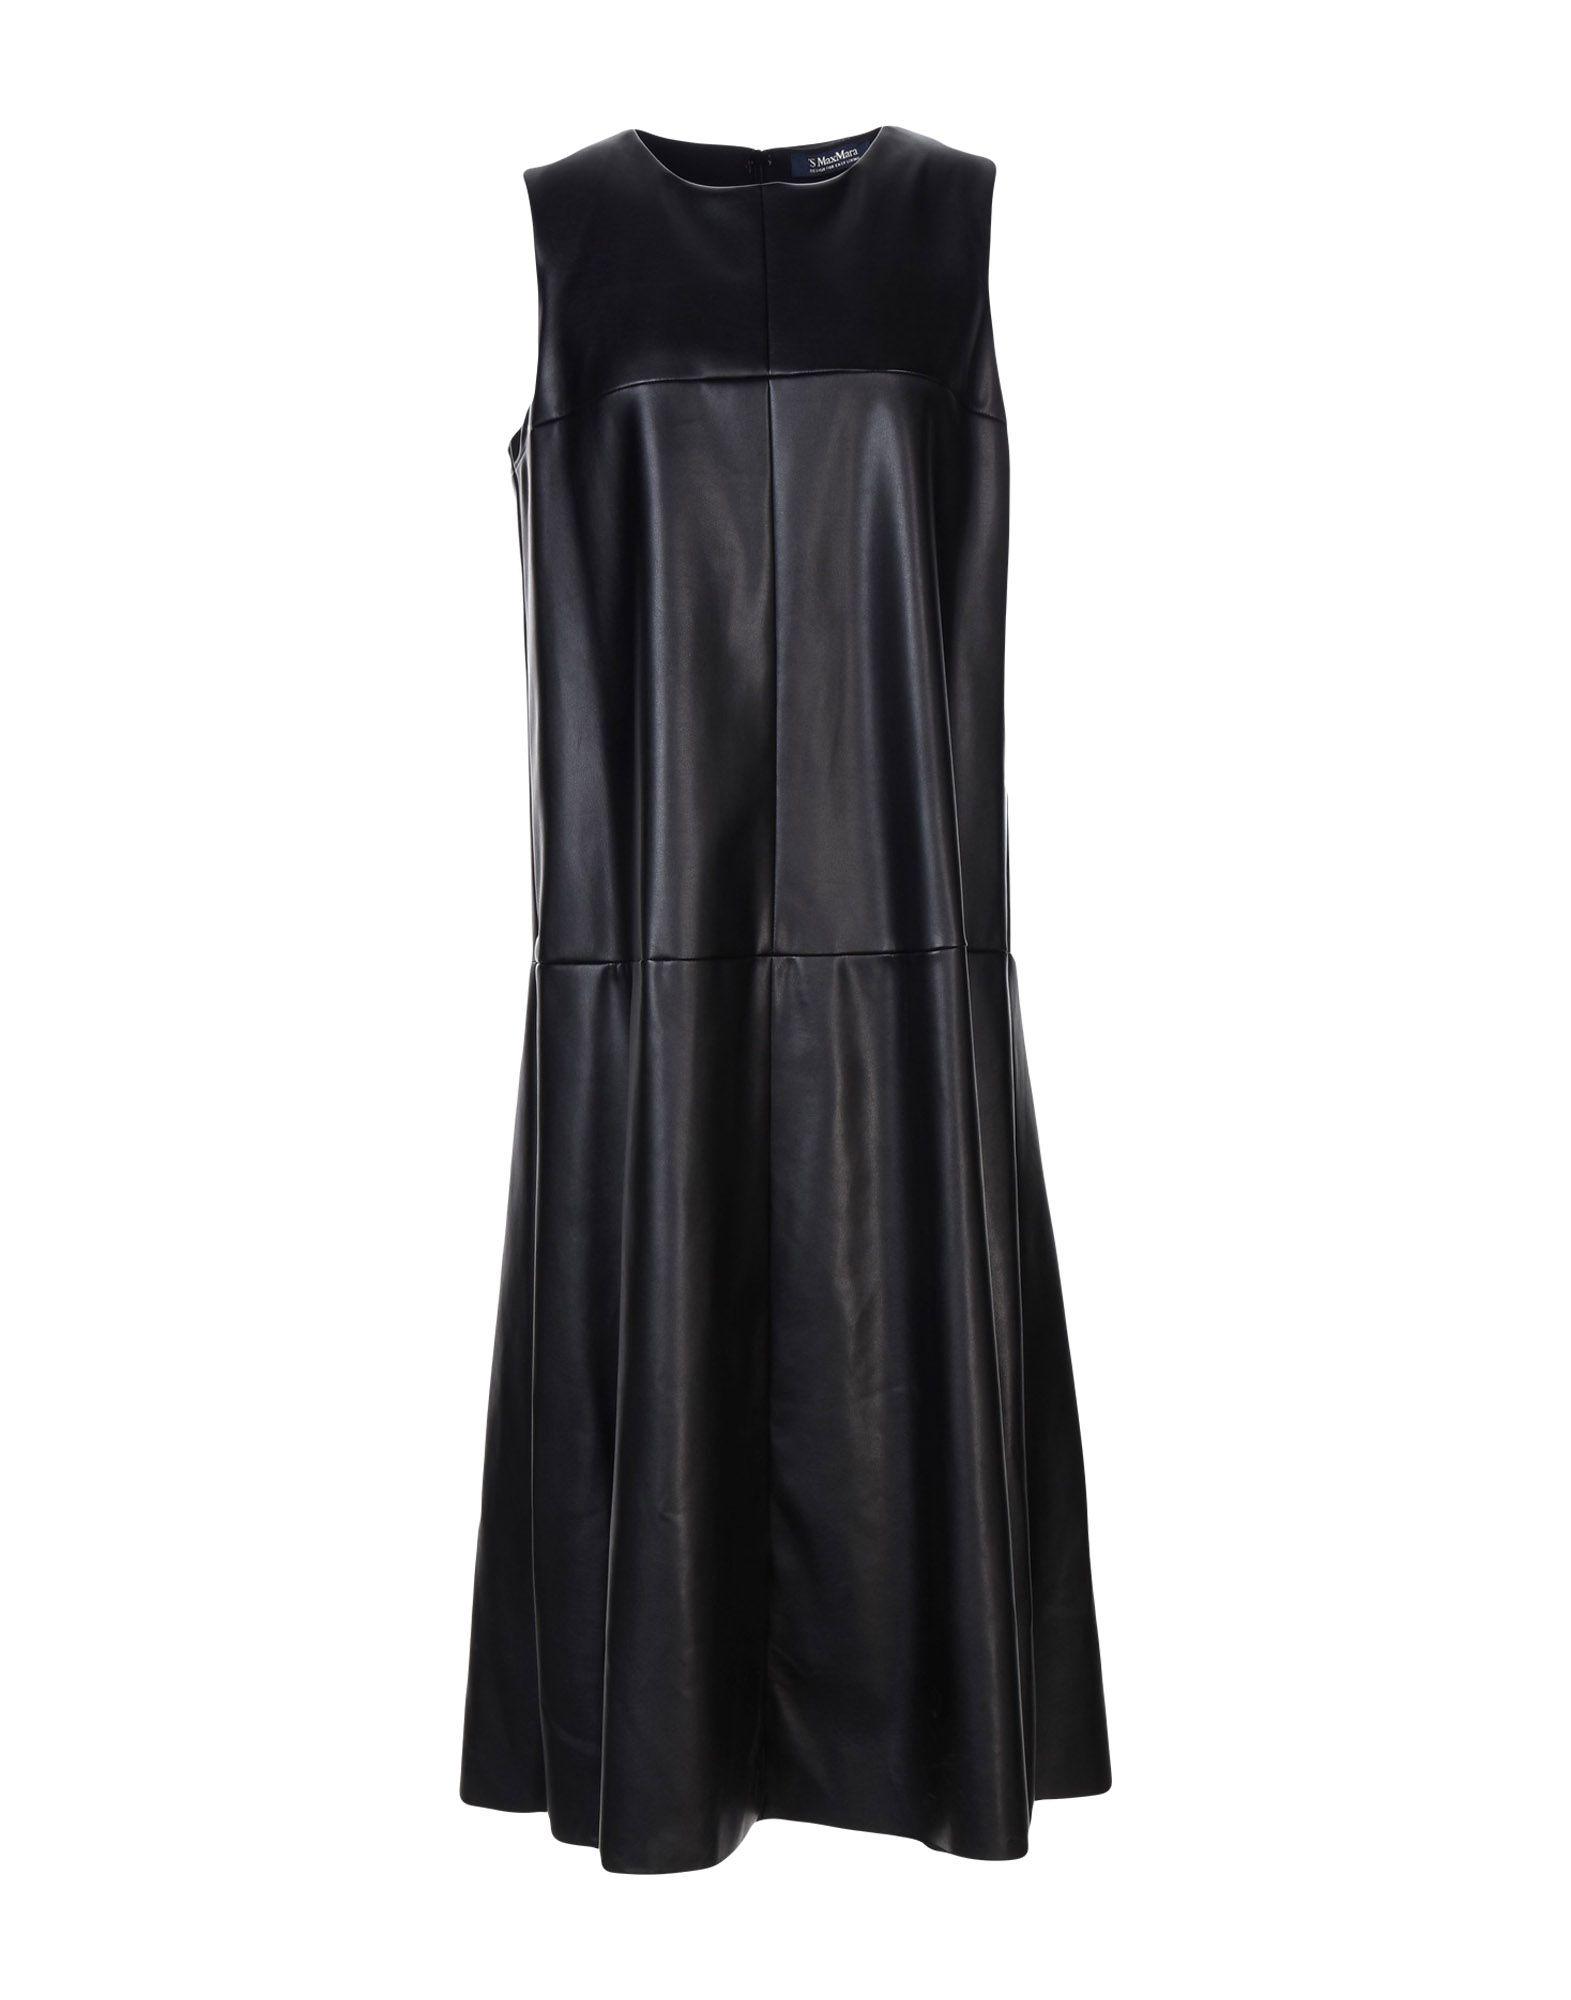 'S MAX MARA Платье длиной 3/4 стоимость